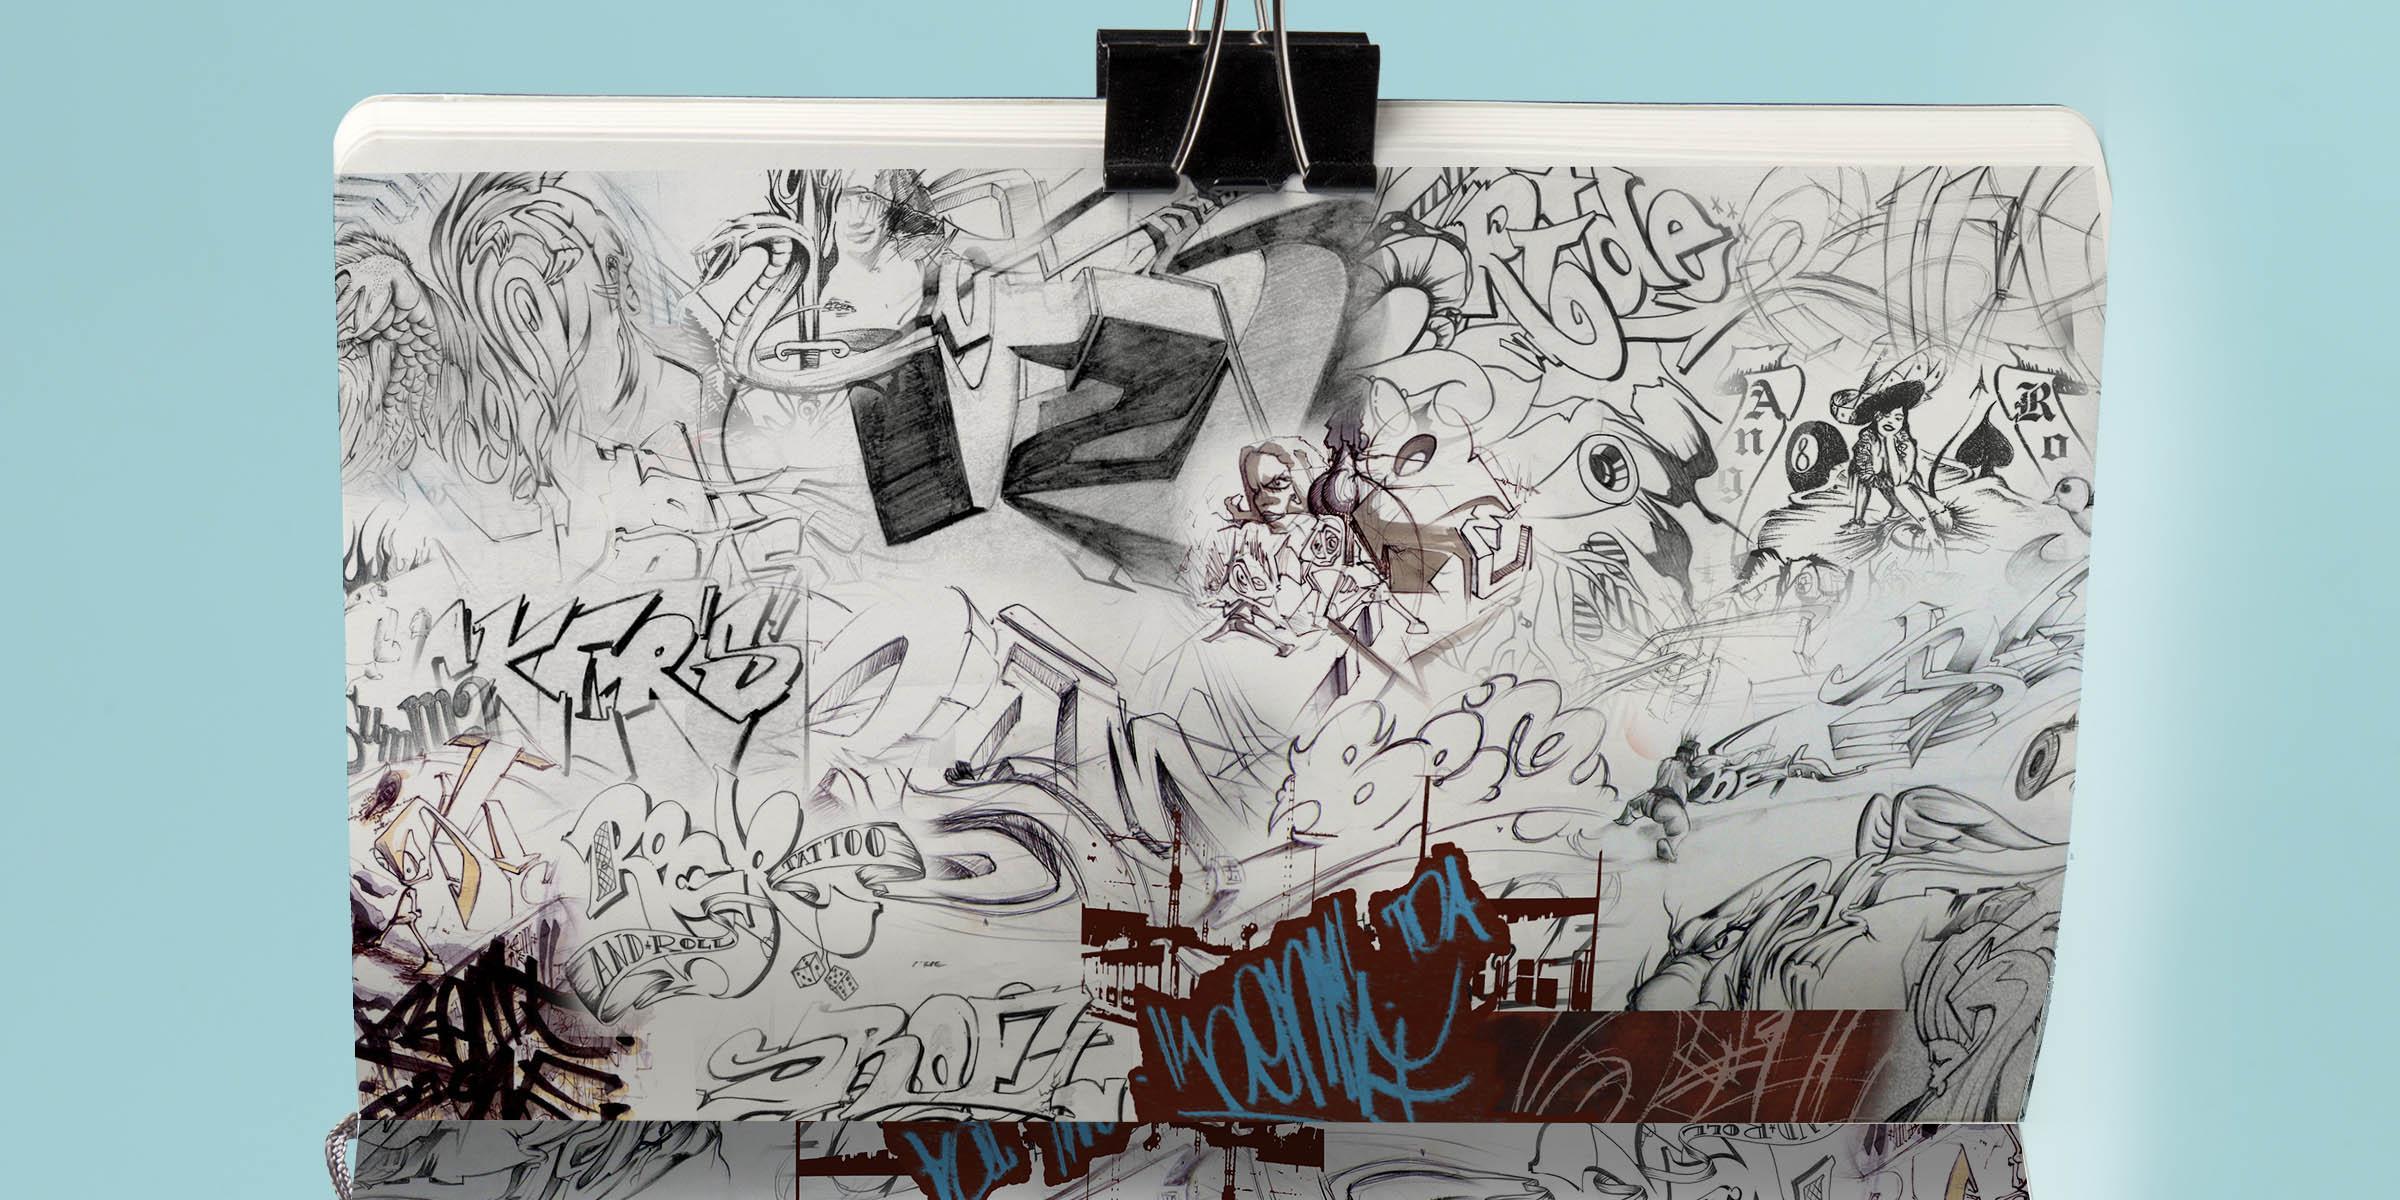 4gregor fenger art street acryl jakarta fair scribble graffiti